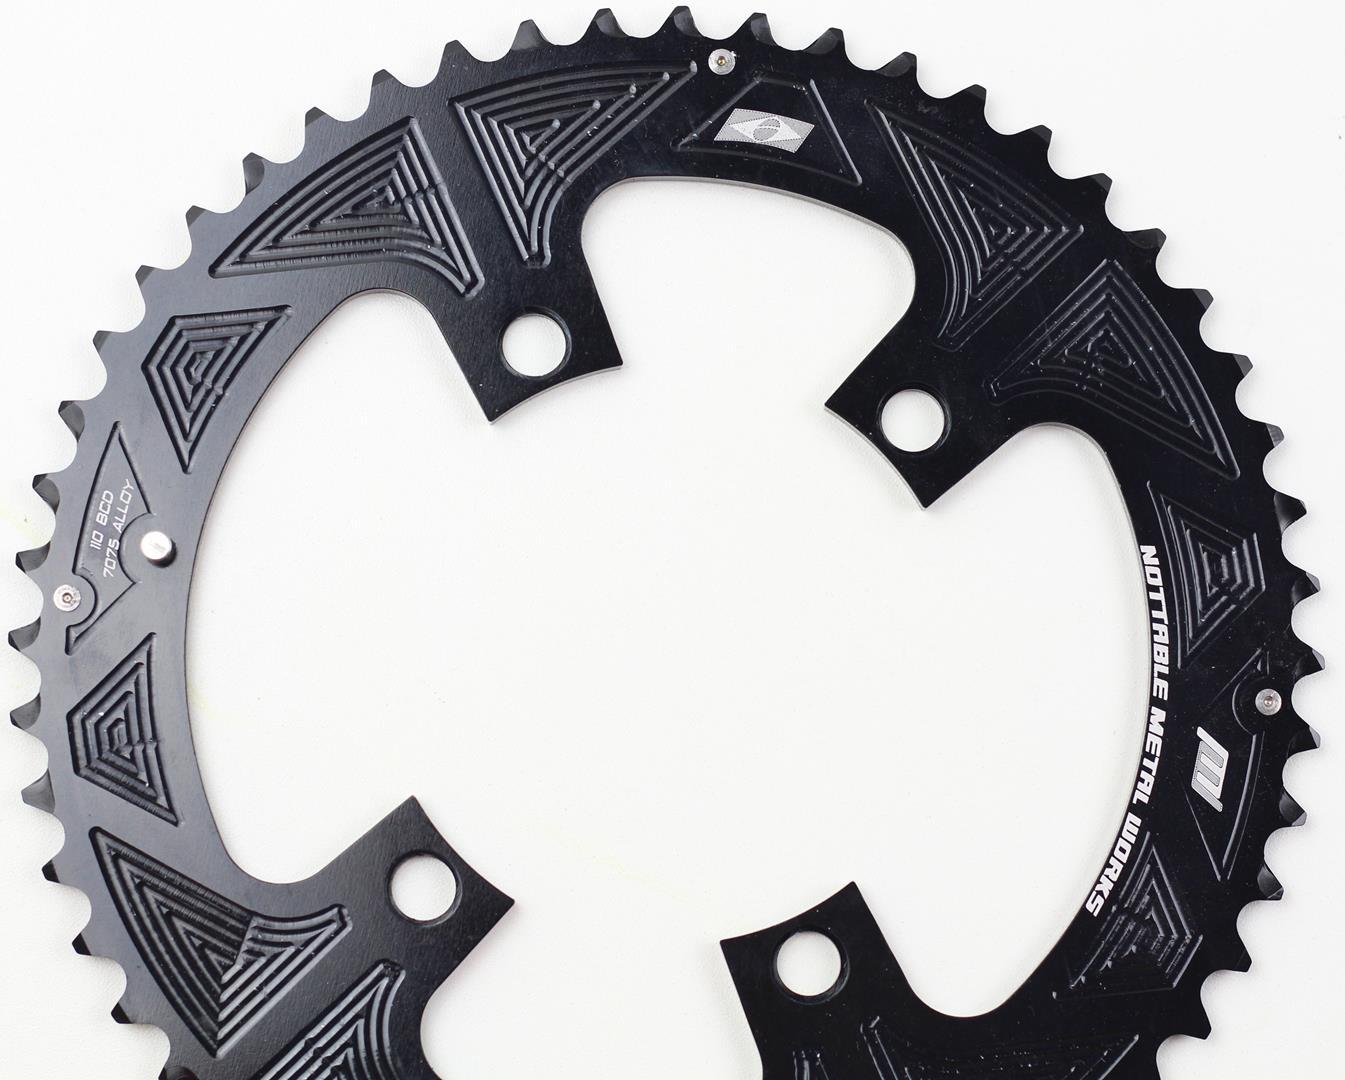 Coroas Dupla Bicicleta Speed Nottable 52-36 para Pedivelas 4 Furos BCD 110mm Serve Shimano 105 Ultegra Dura-ace